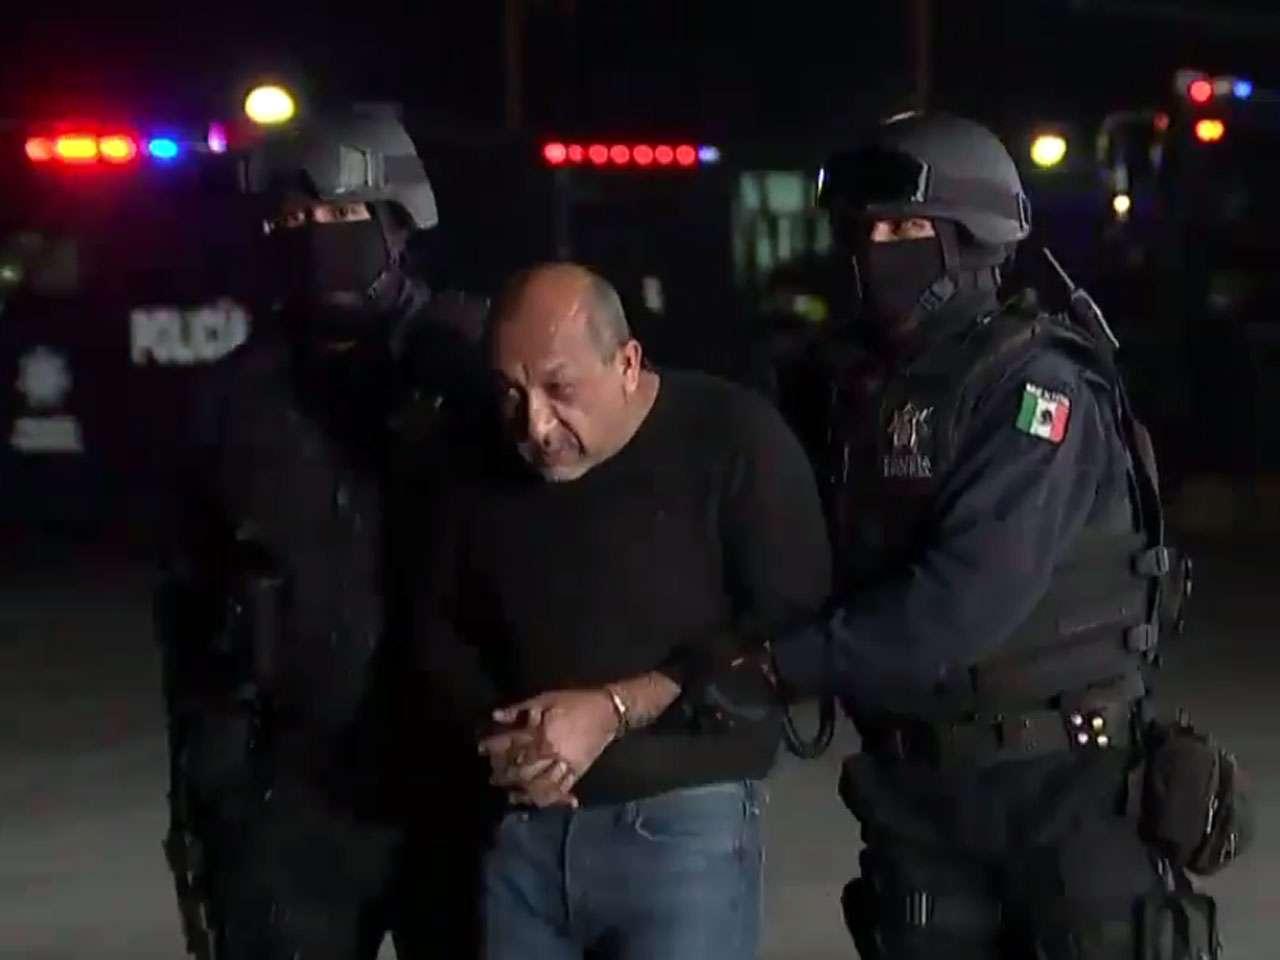 Presentación de Servando Gómez Martínez, ´La Tuta´, ante los medios de comunicación. Foto: Video PGR